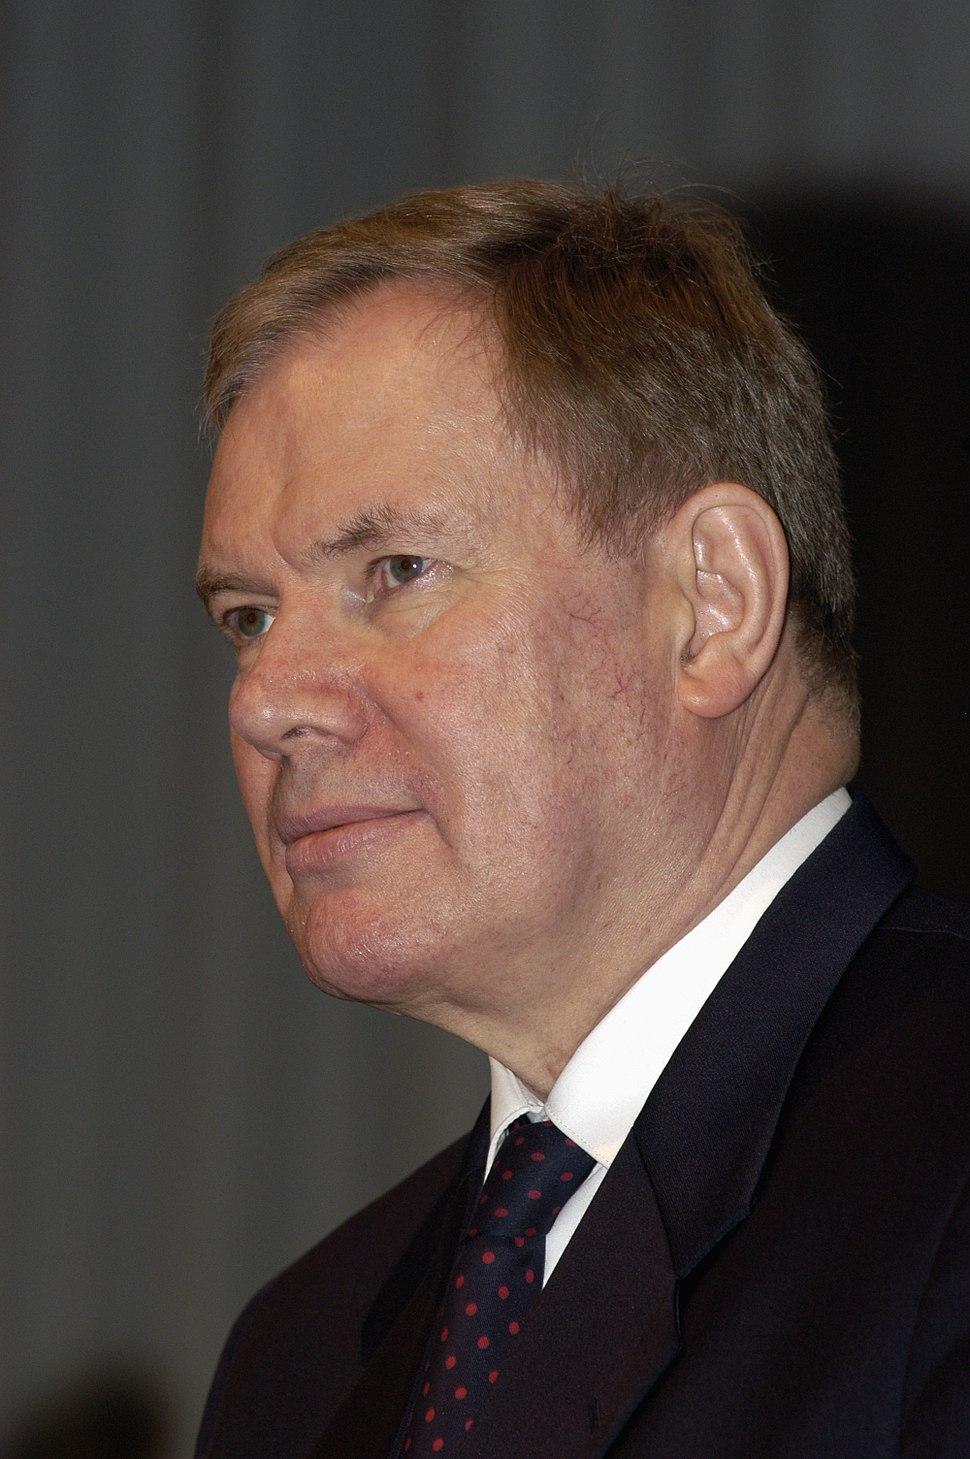 Paavo Lipponen 2004